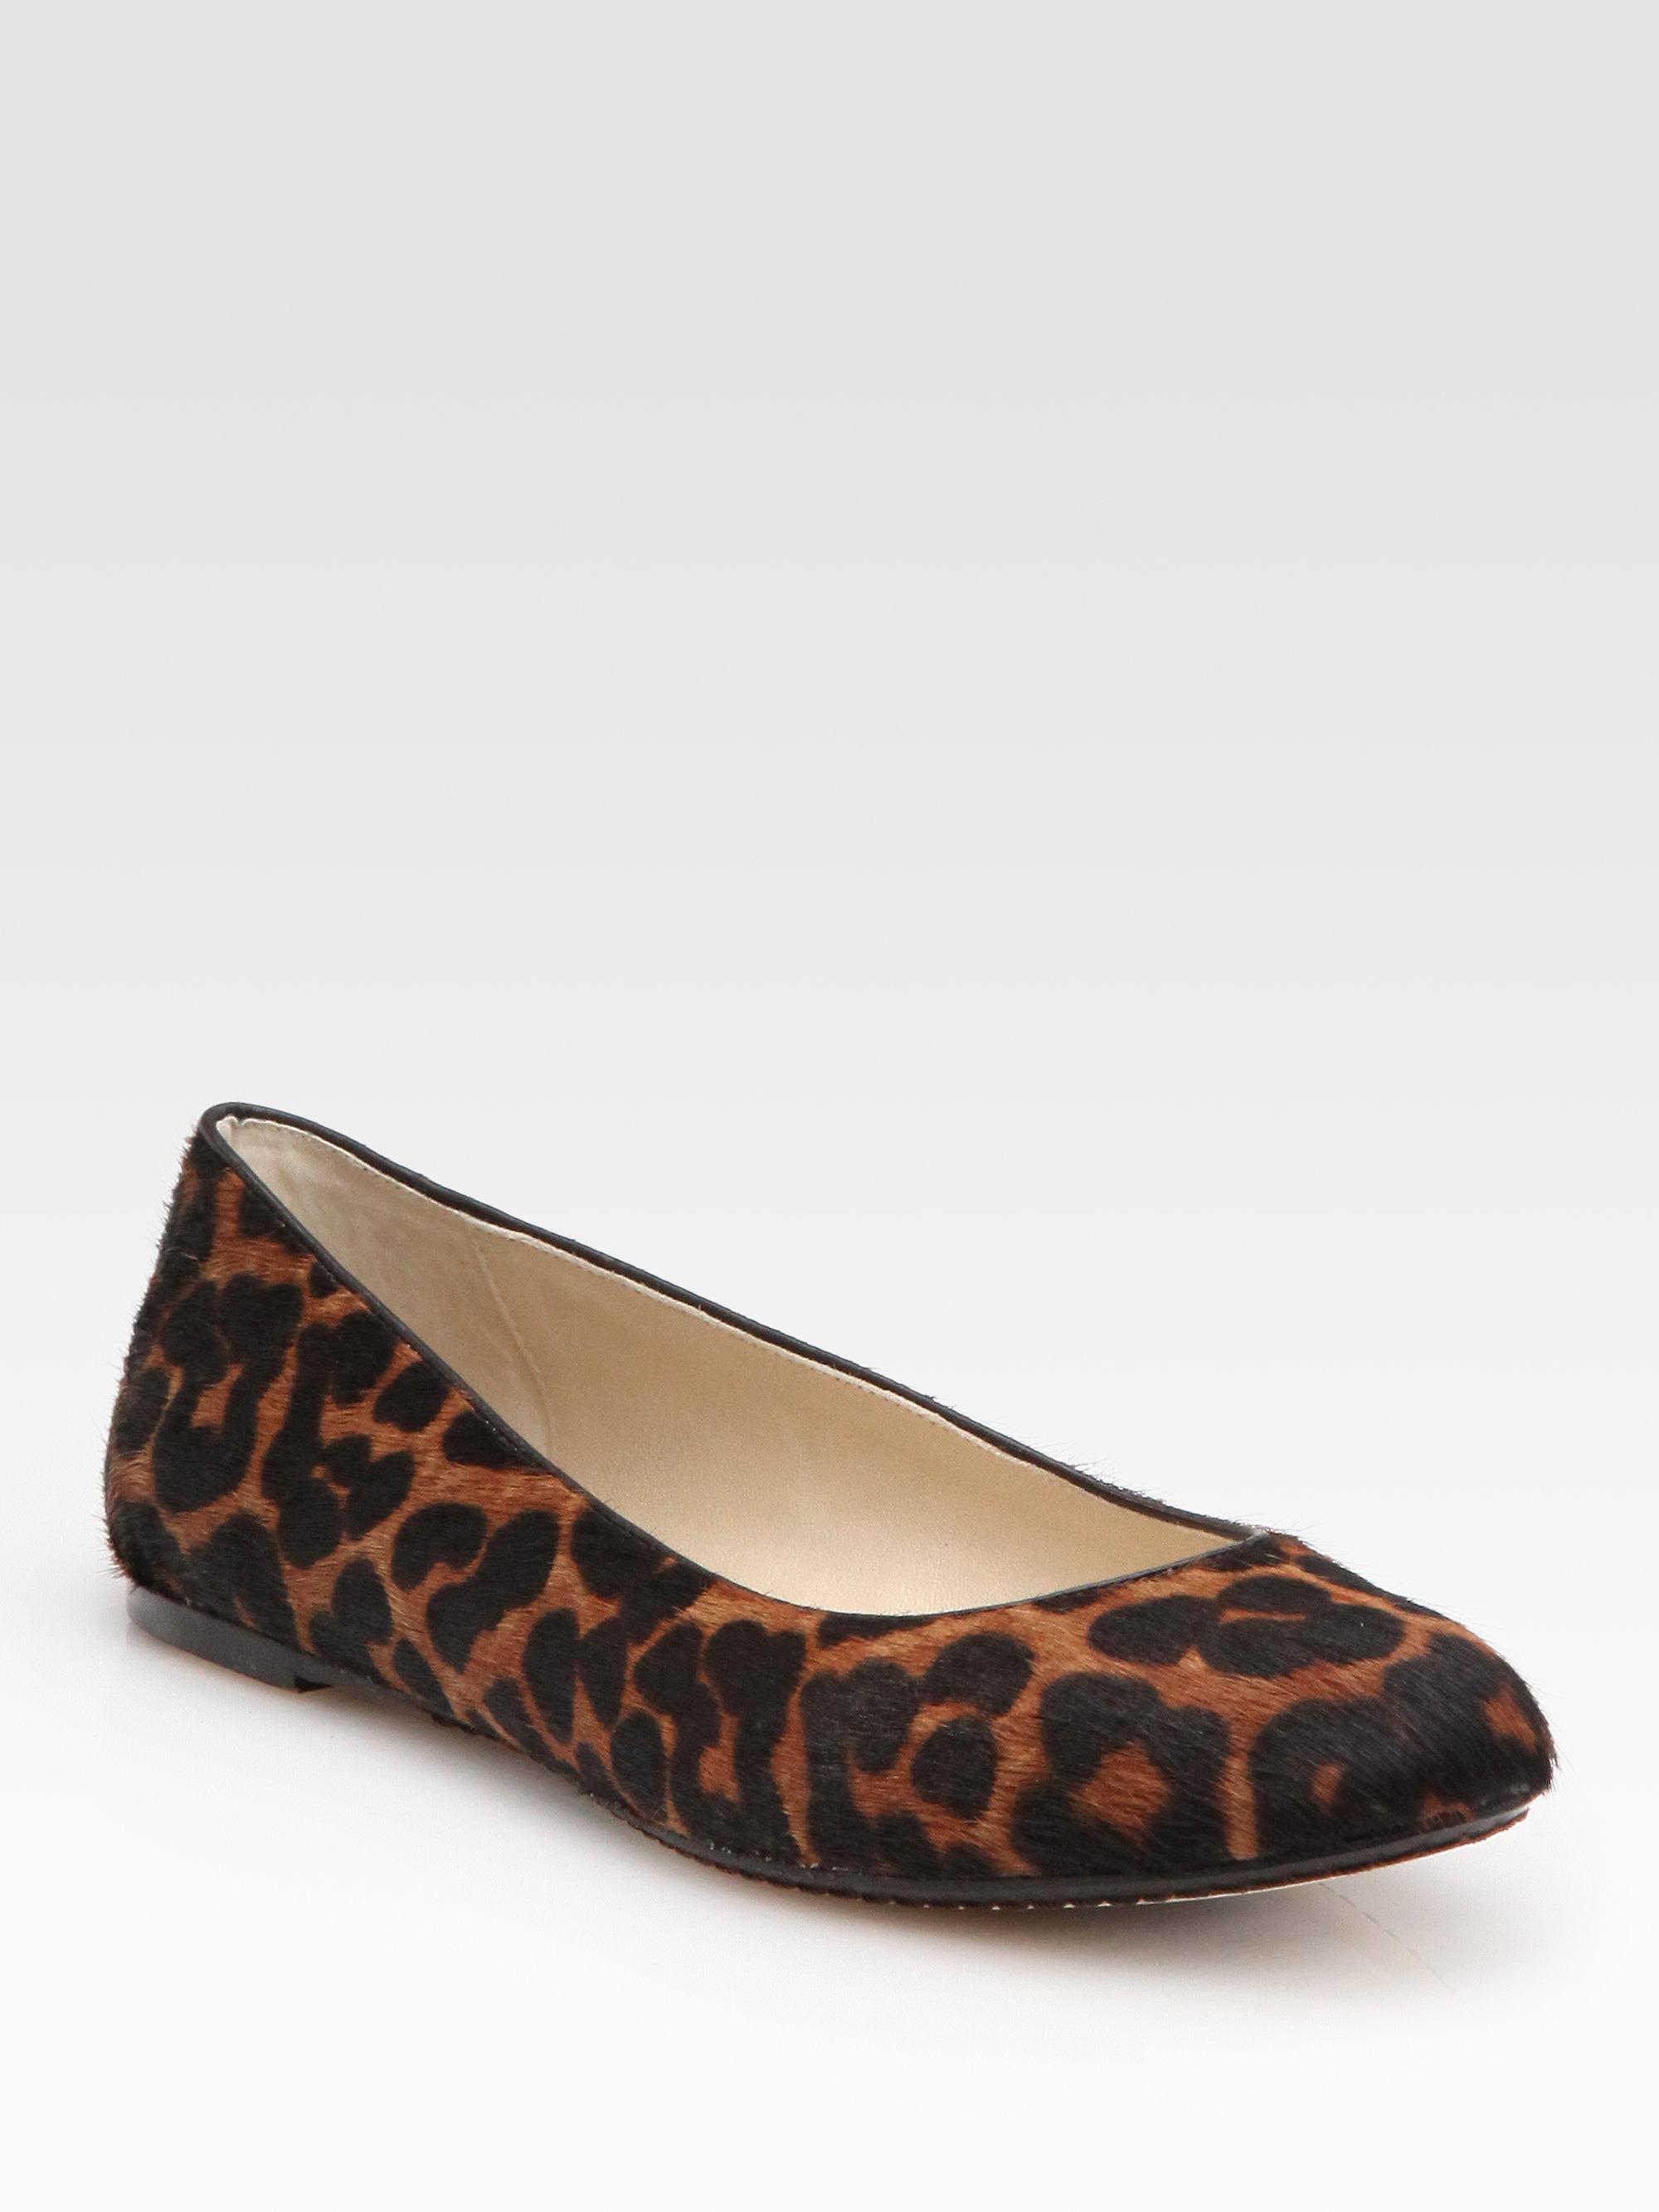 Ellen Tracy Leopard Flat Shoes